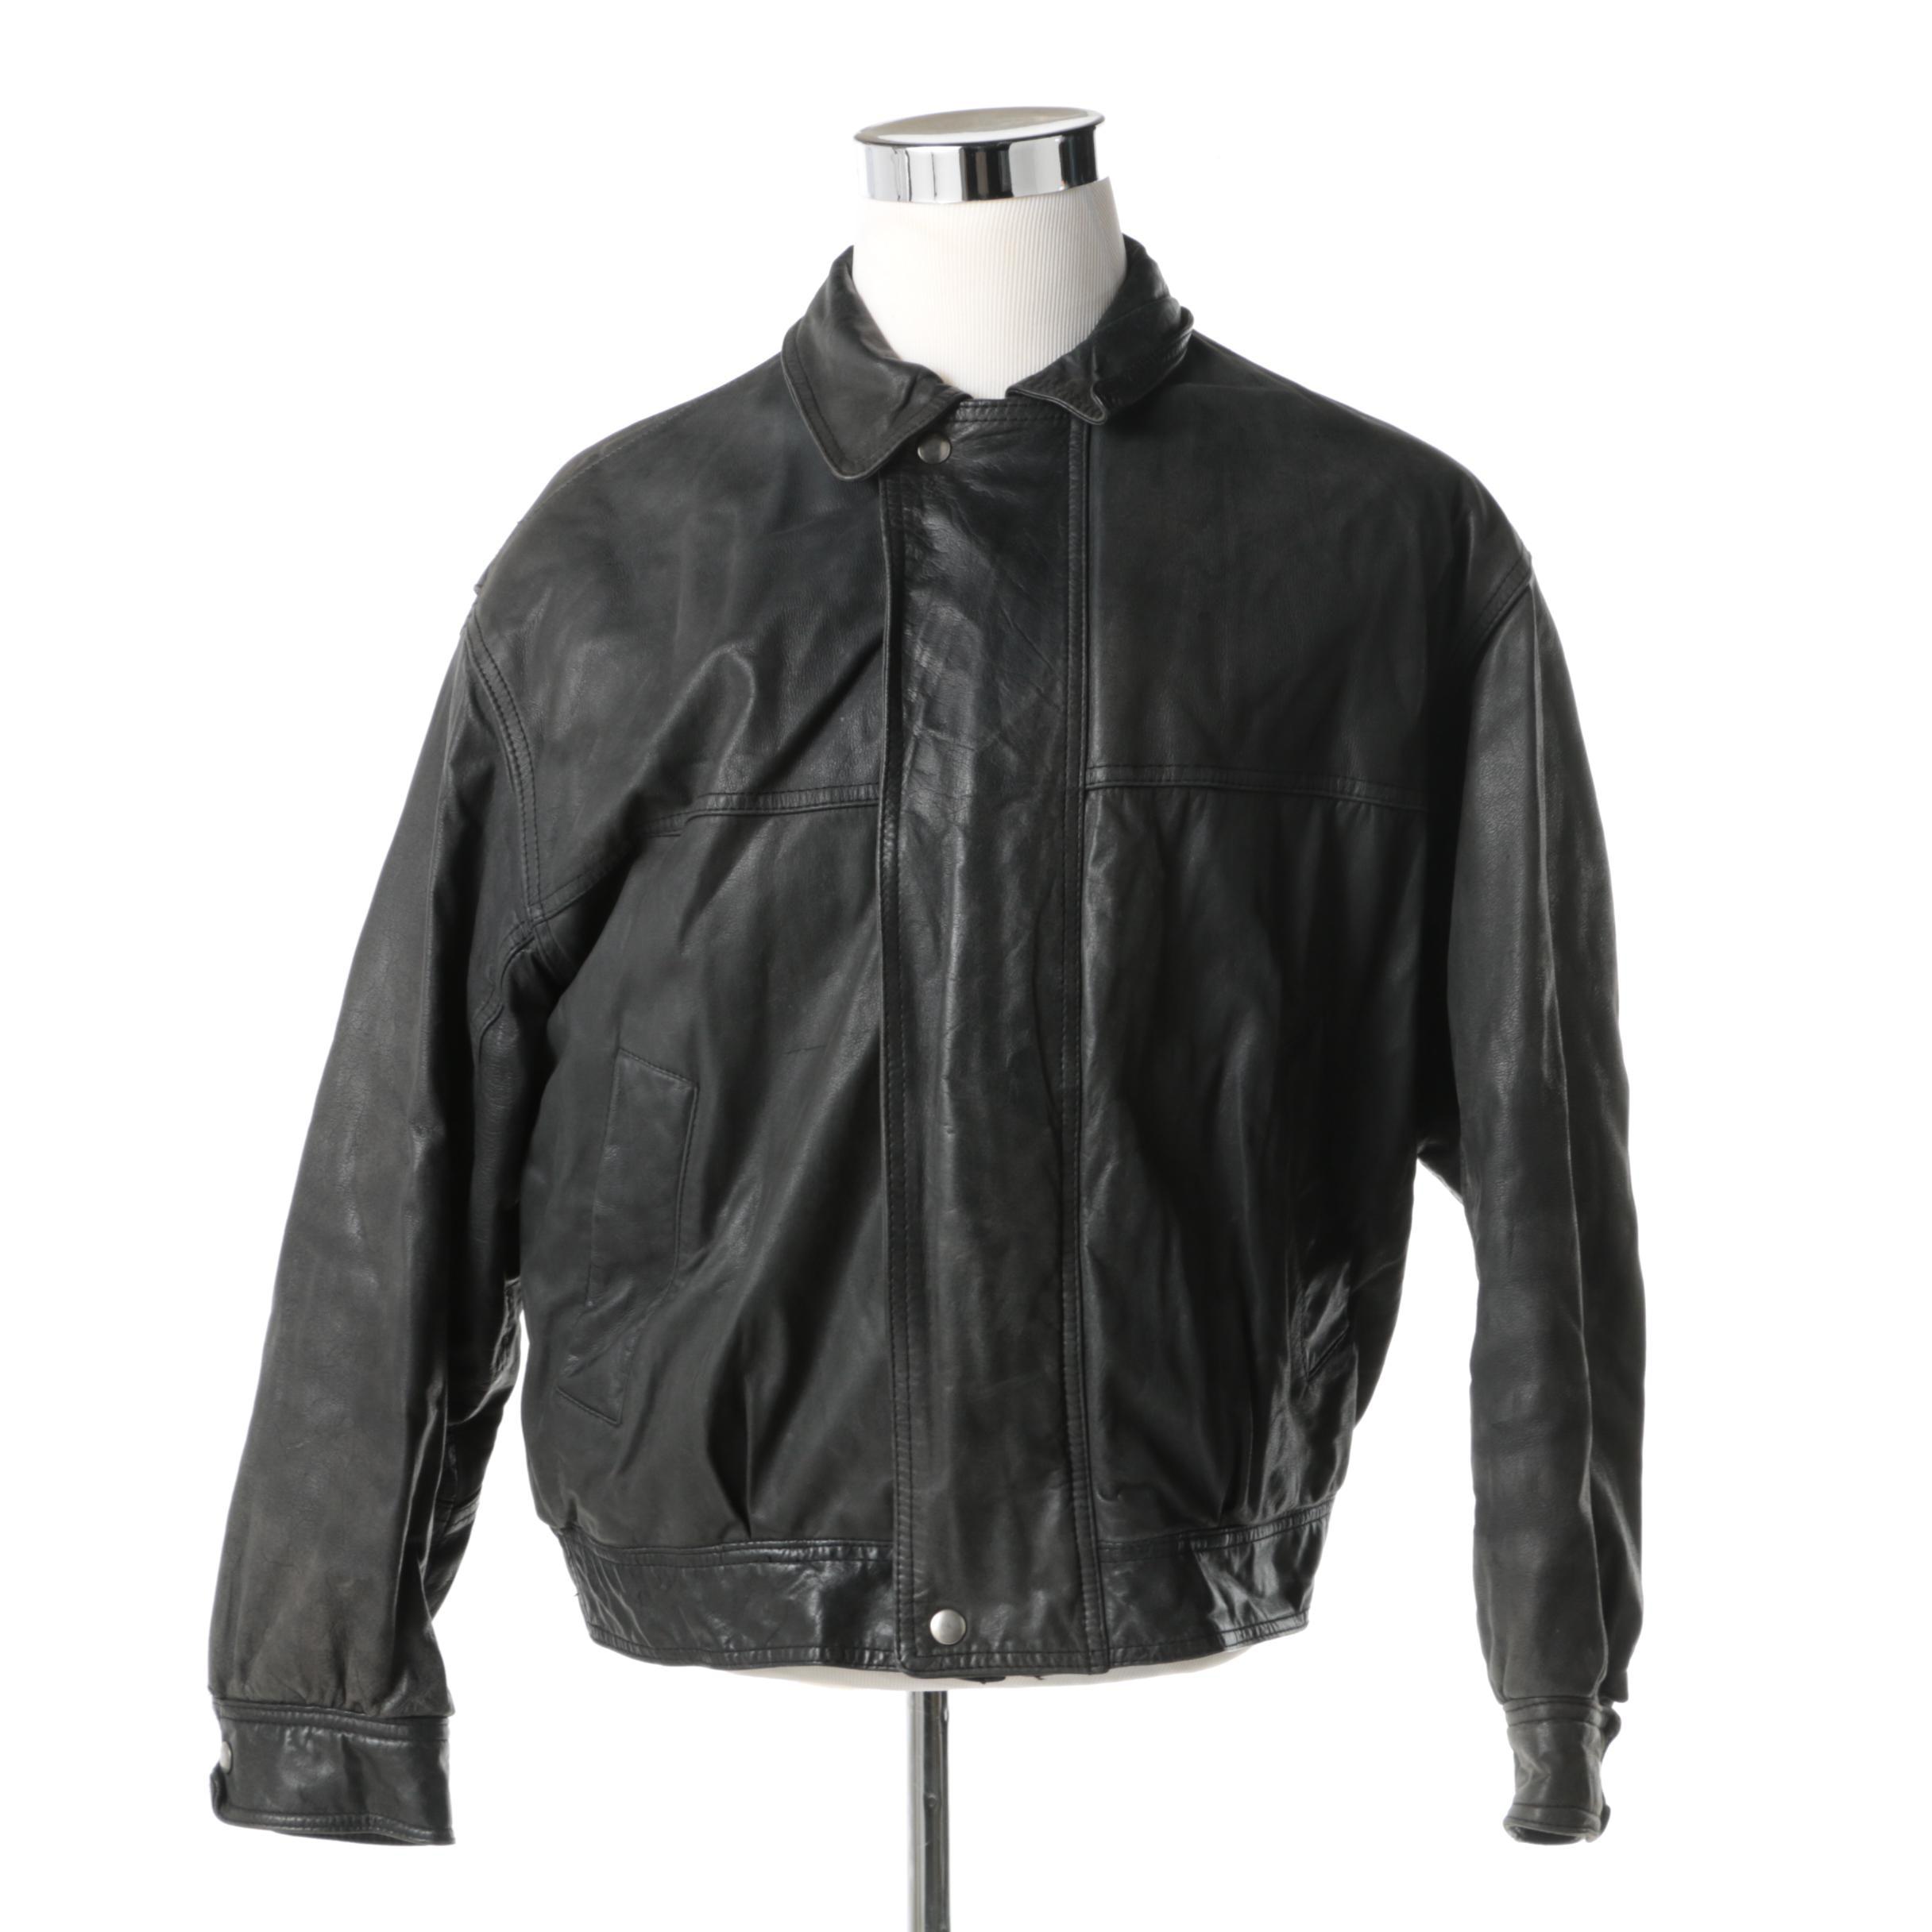 Men's Leather Jacket by Luis Alvear